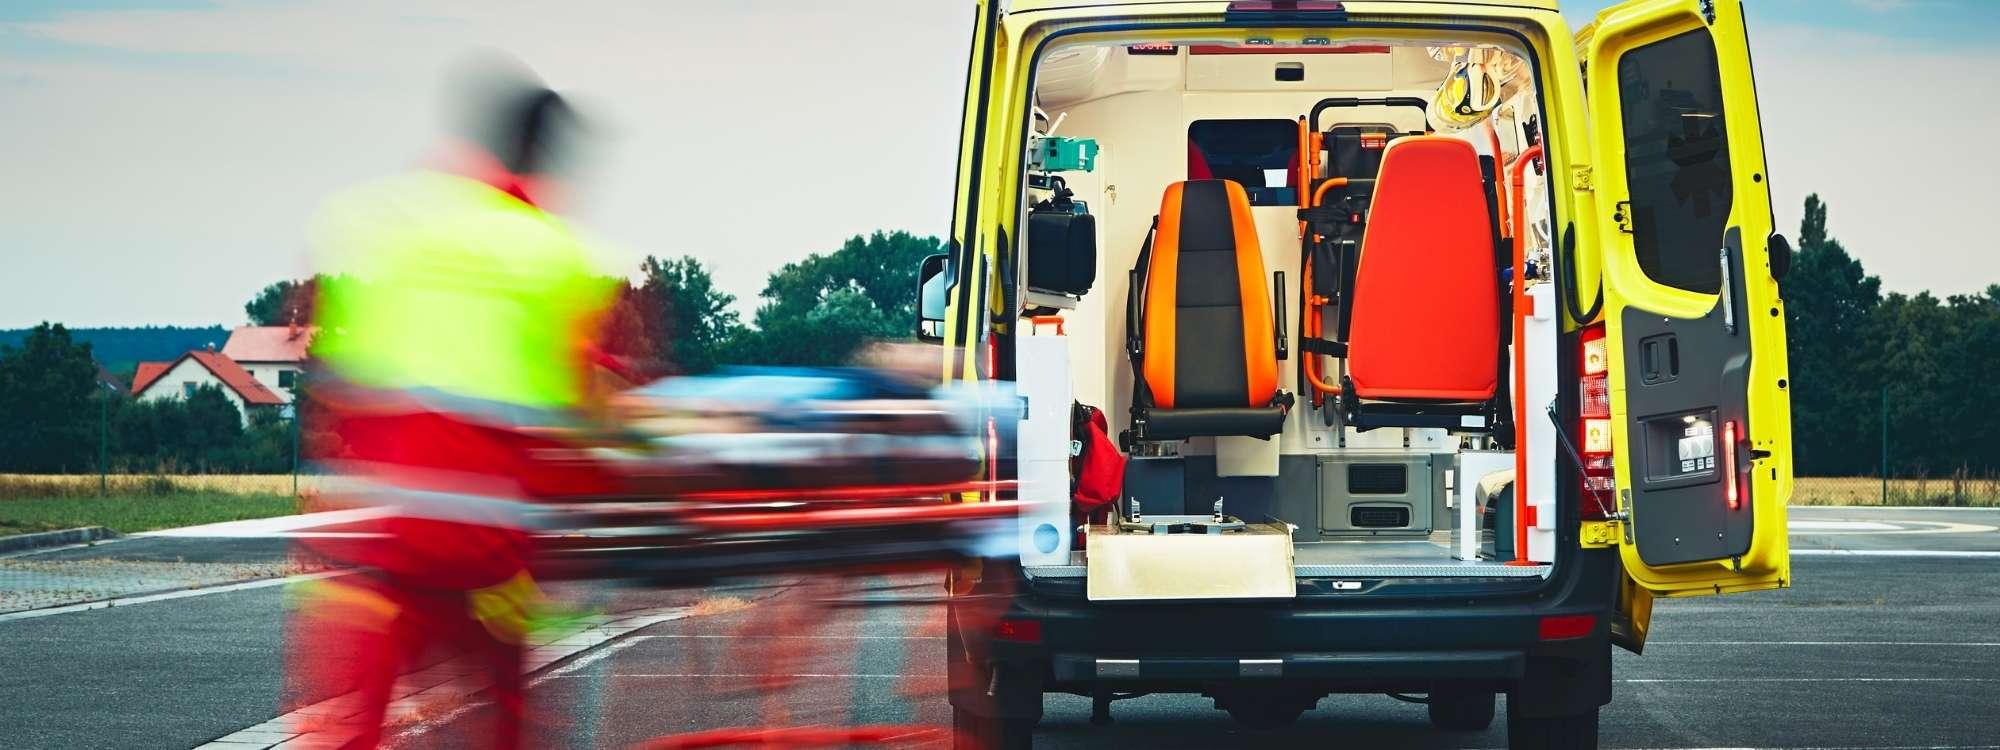 Fahrschule-Riewenherm-Rettungskräfte-Führerschein